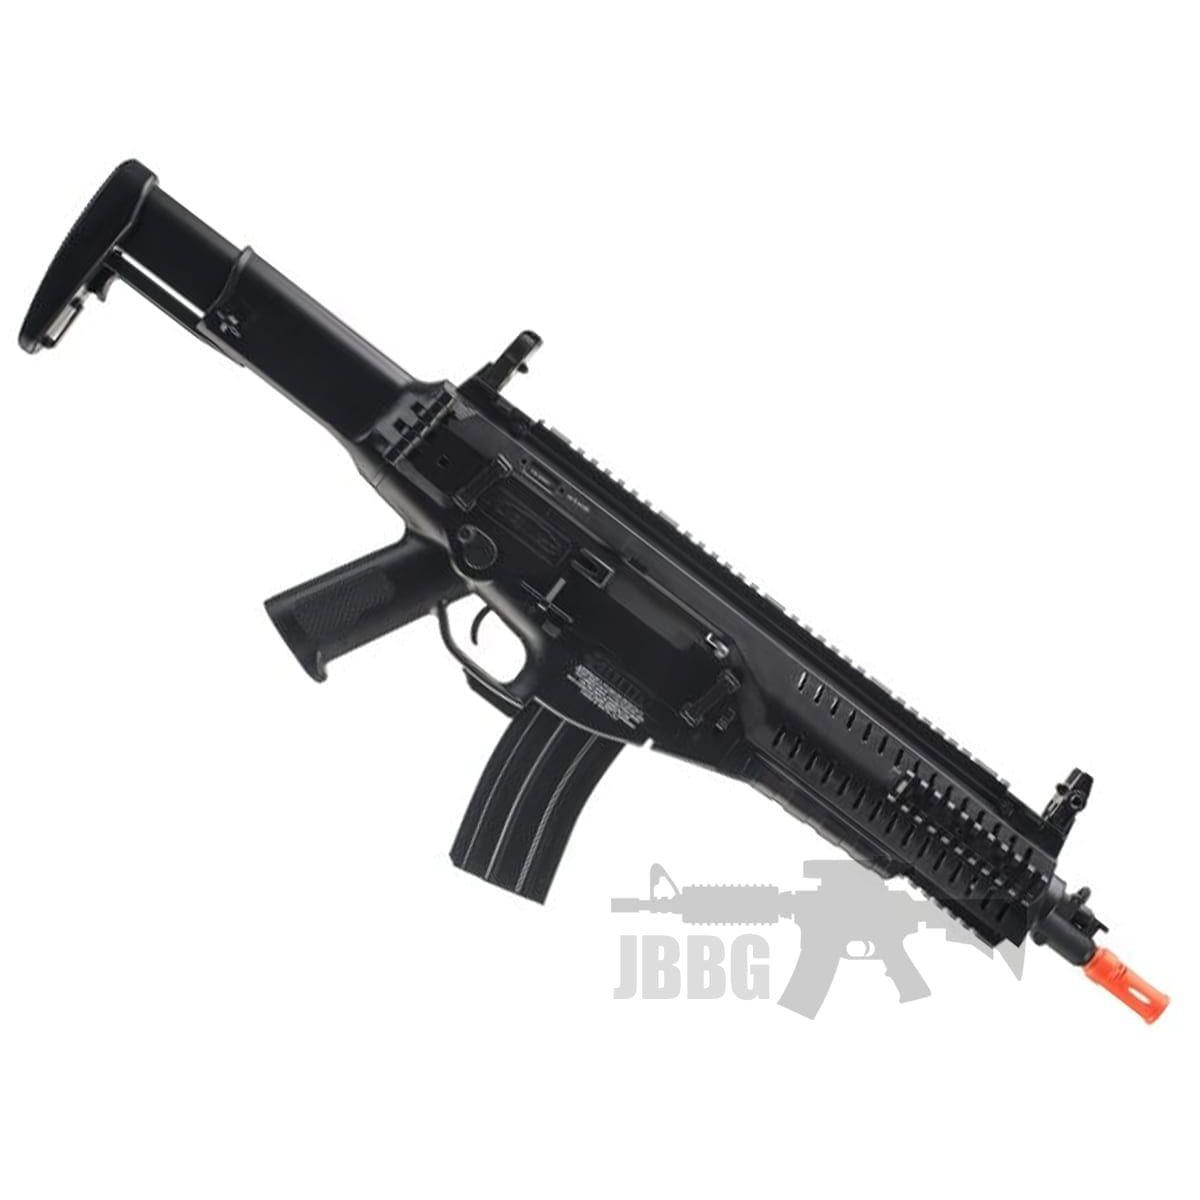 arx160 gun